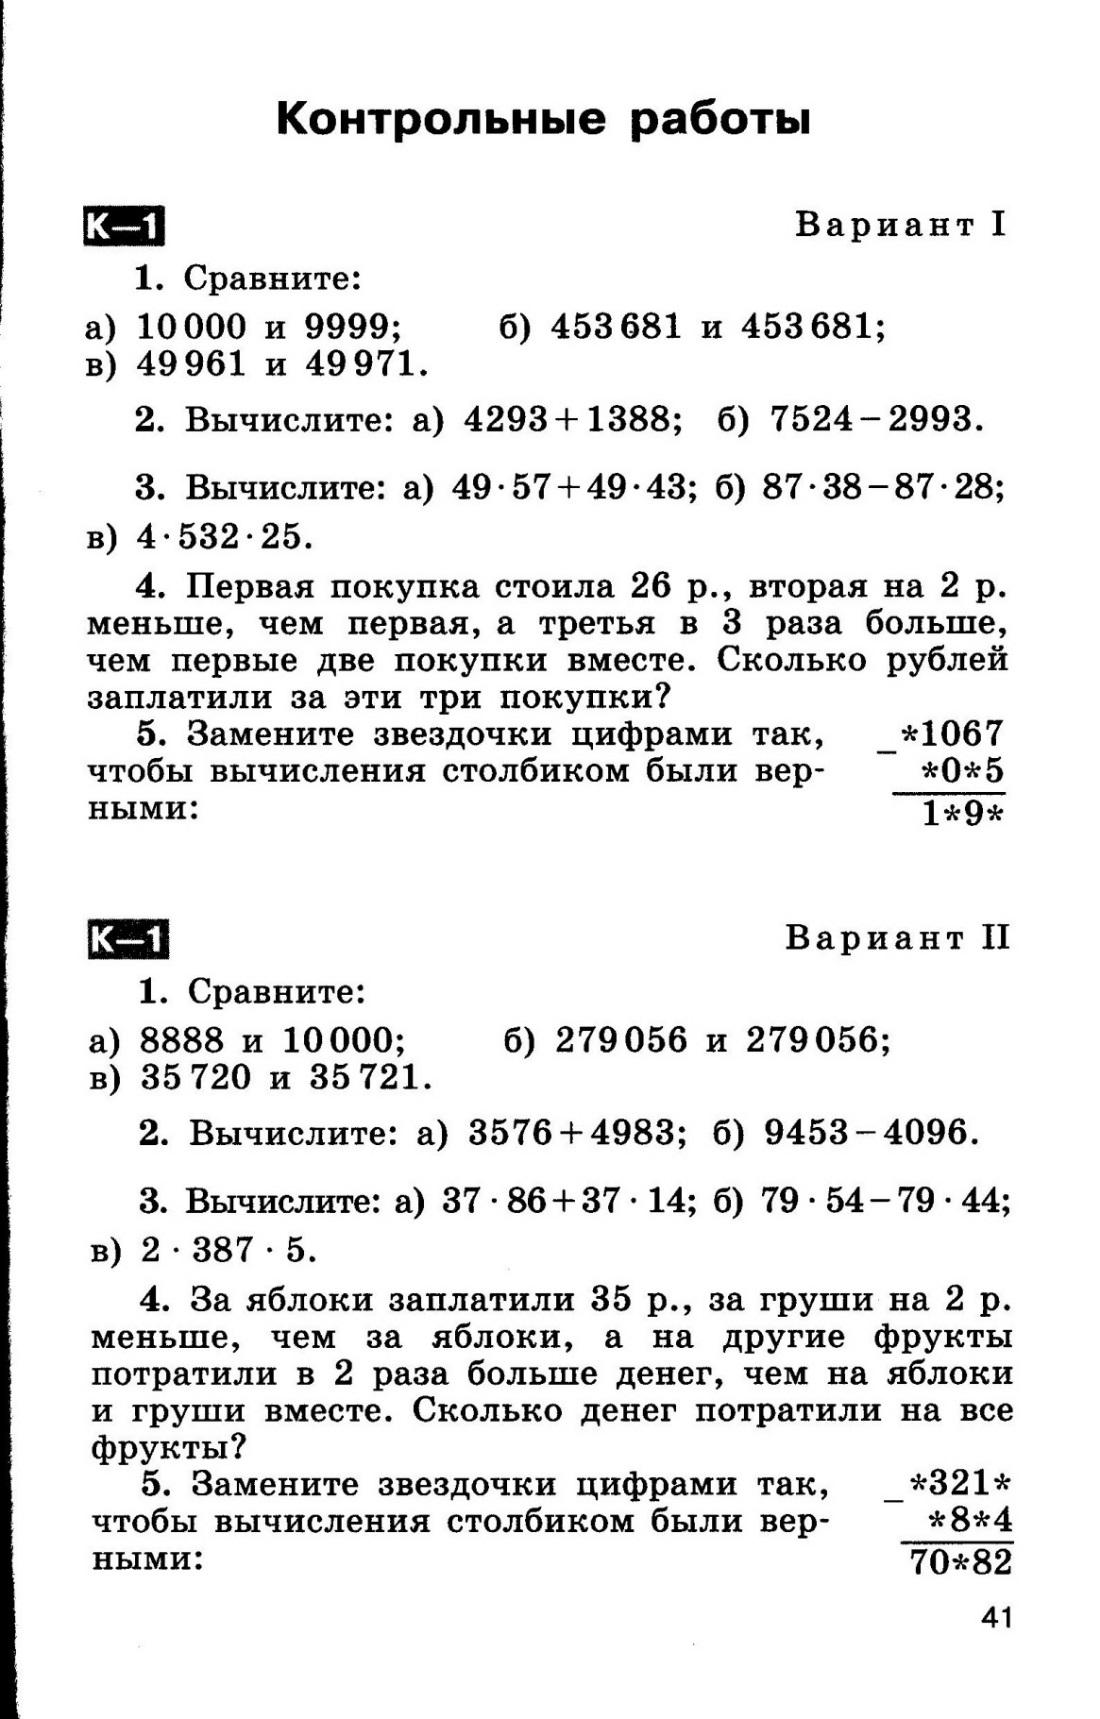 C:\Users\Администратор\Documents\К-1 5 кл.jpg